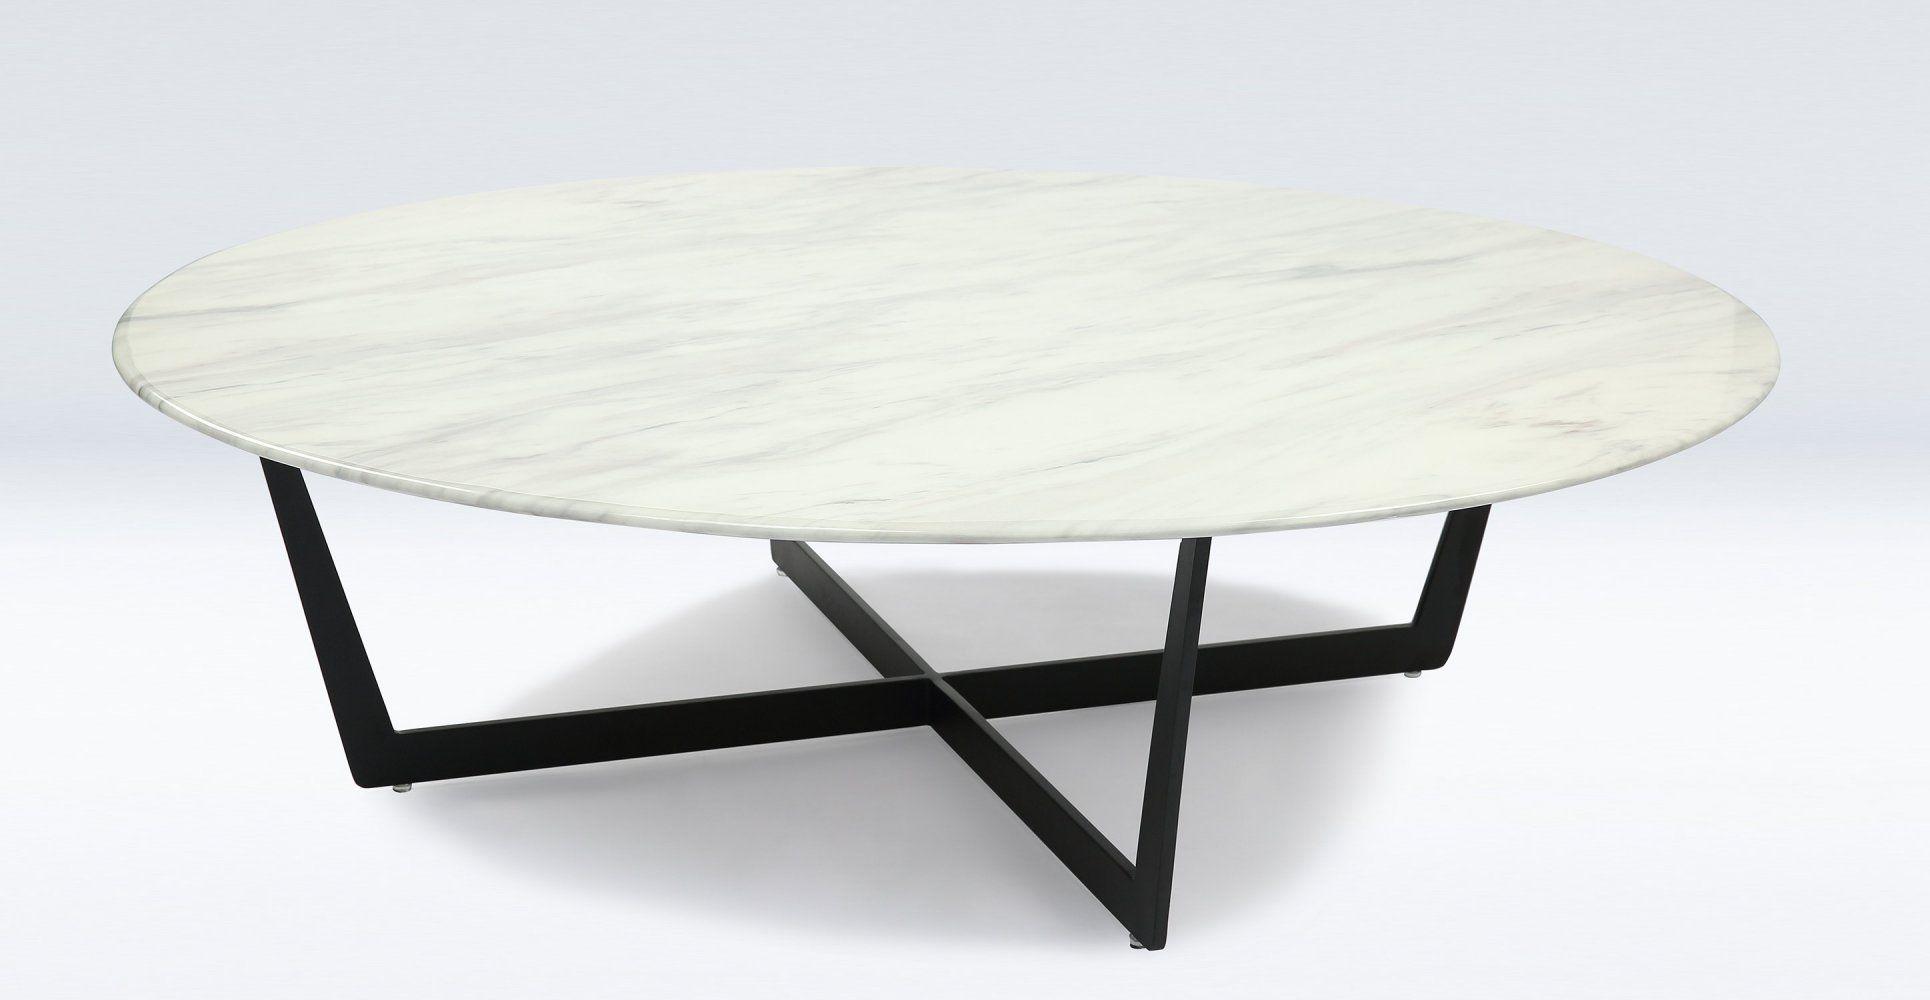 Table Basse Ronde Plateau Marbre Ateliercorduantfr Maison